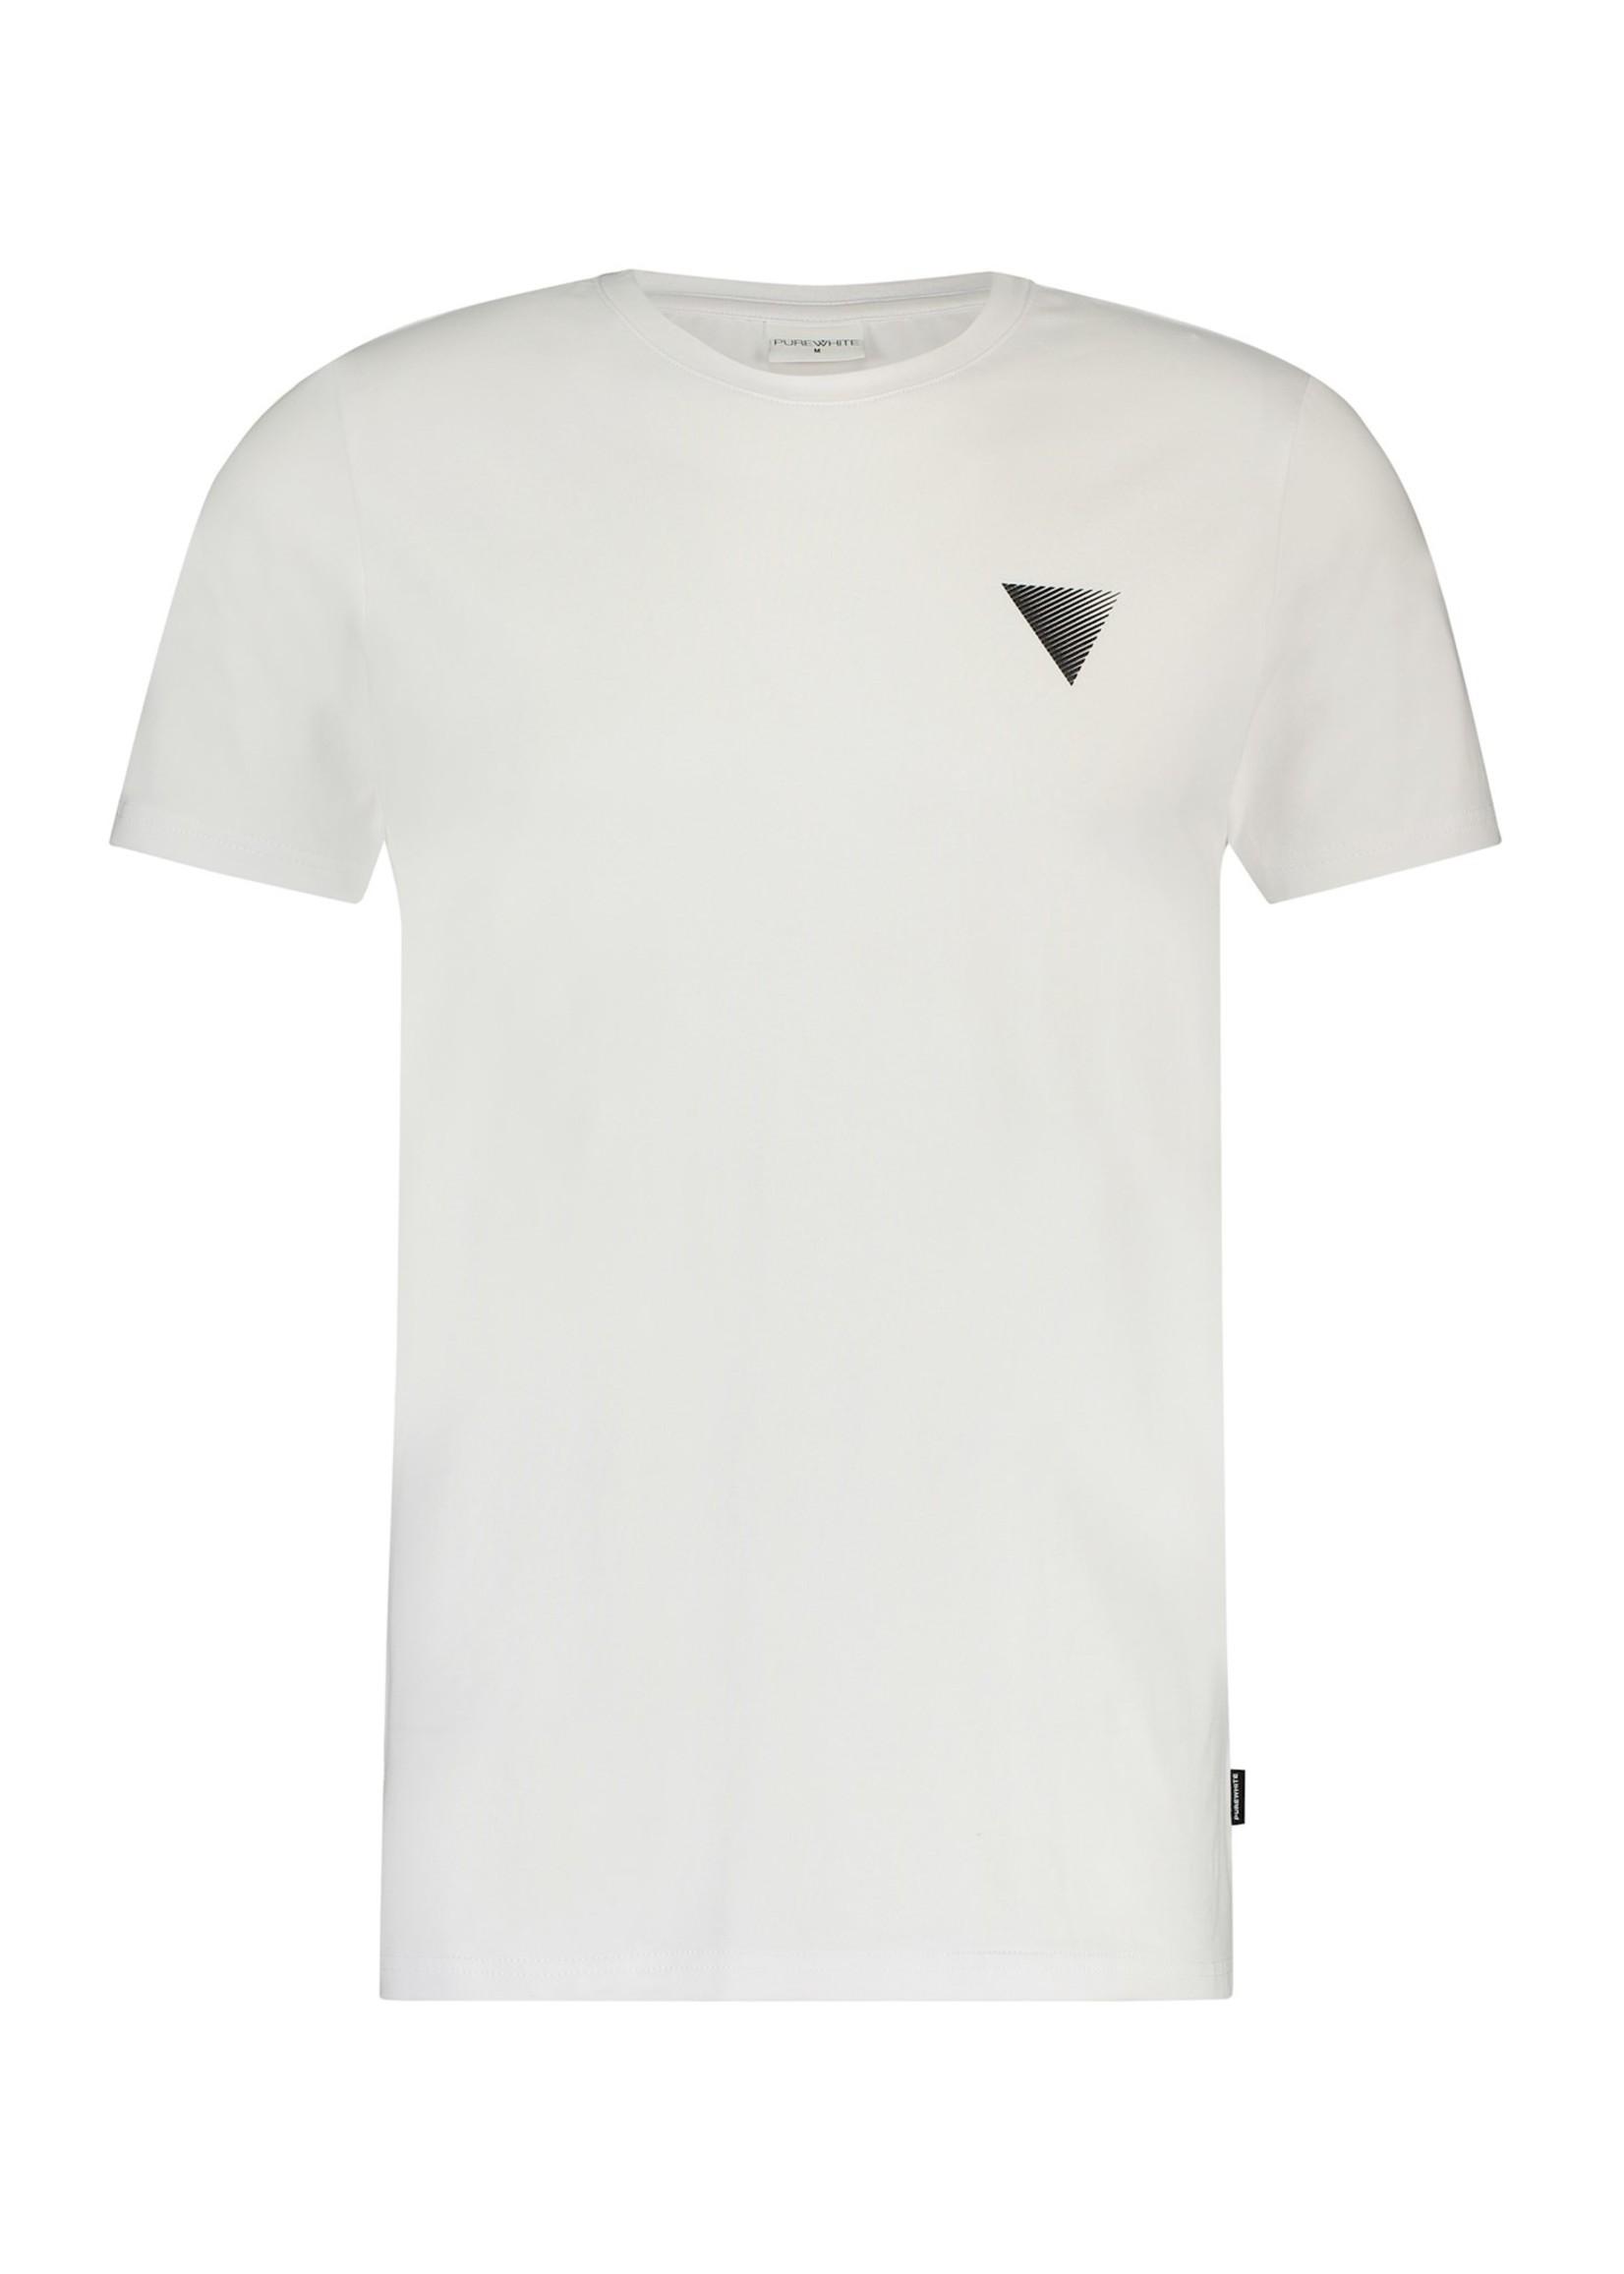 Purewhite Triangle Print T-shirt - White